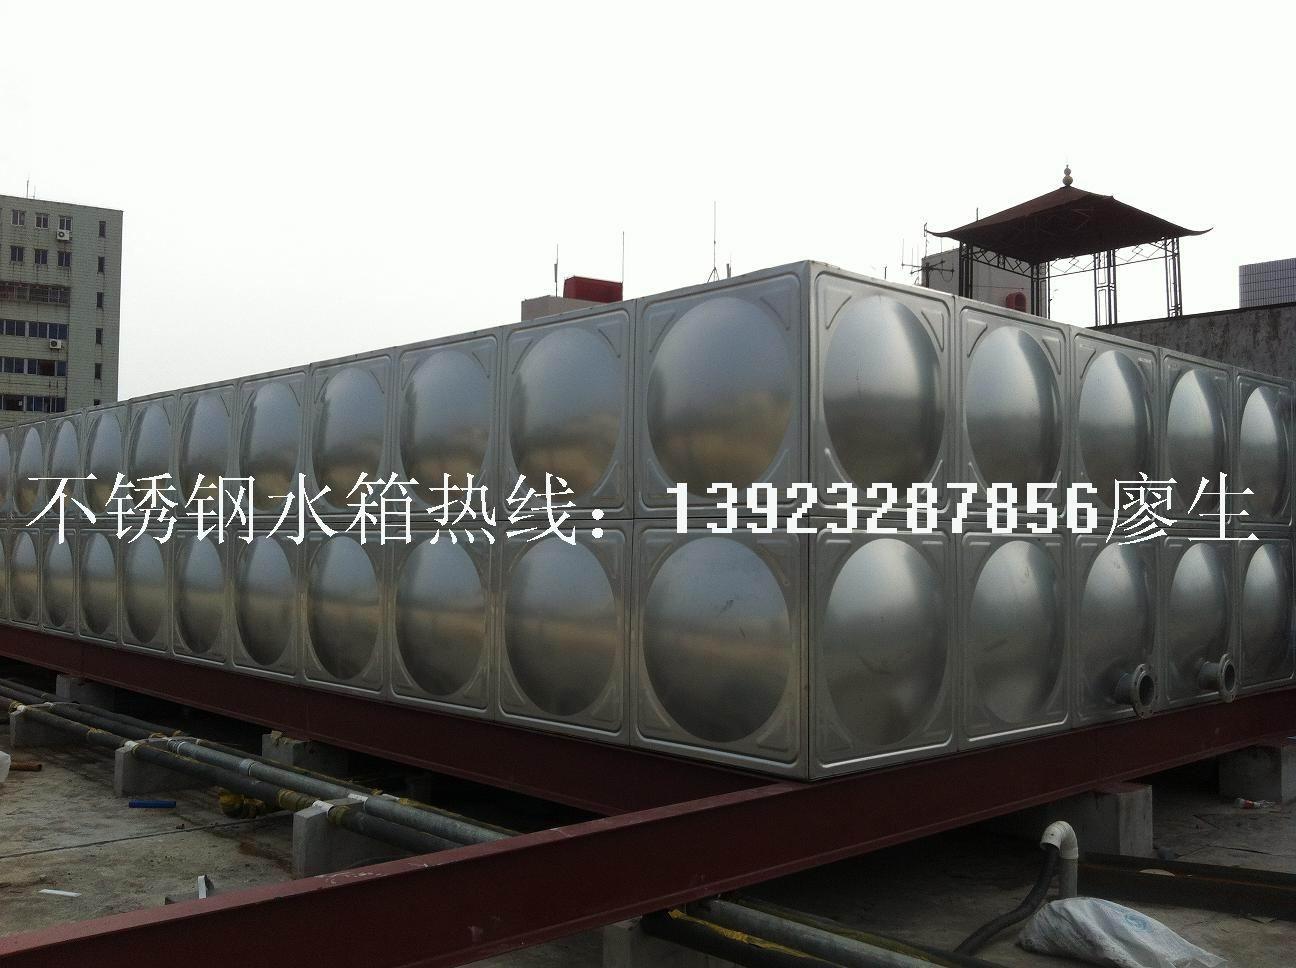 供應廣州花都云浮組合式不銹鋼方形水箱不銹鋼消防水箱不銹鋼生活水箱